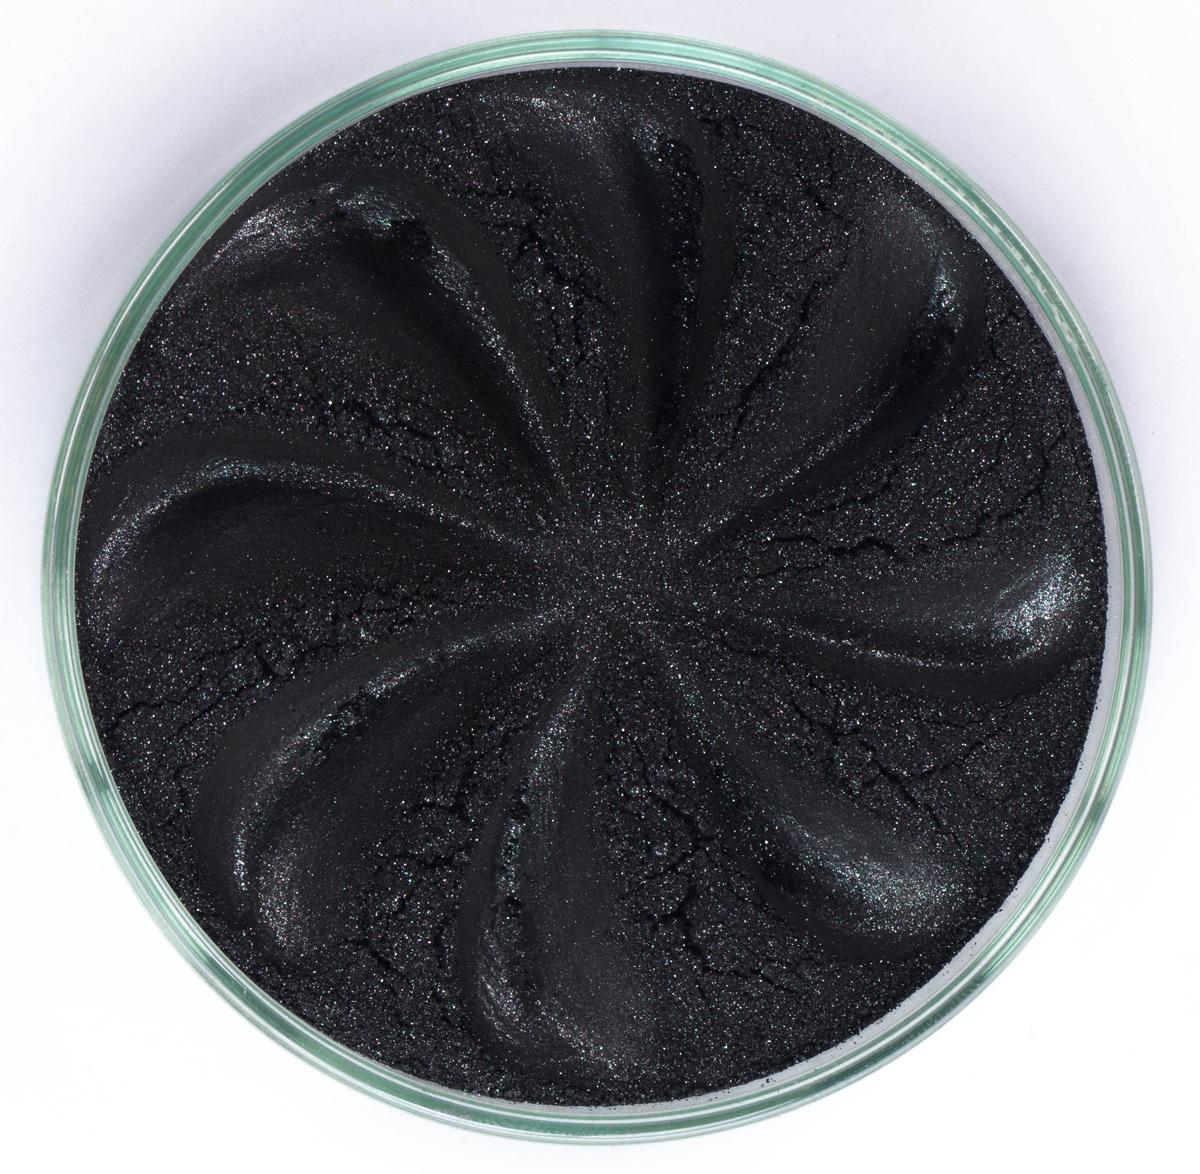 Era Minerals Минеральные Тени для век Jewel тон J35 (сияющий черный), 4 млEYJ35Тени для век Jewel обеспечивают комплексное покрытие, своим сиянием напоминающее как глубину, так и лучезарный блеск драгоценного камня. Текстура теней содержит в себе цвет-основу с содержанием крошечных мерцающих частиц, превосходно сочетающихся с основным цветом. Сильные и яркие минеральные пигменты Можно наносить как влажным, так и сухим способом Без отдушек и содержания масел, для всех типов кожи Дерматологически протестировано, не аллергенно Не тестировано на животных Вес нетто 1г (стандартный размер)